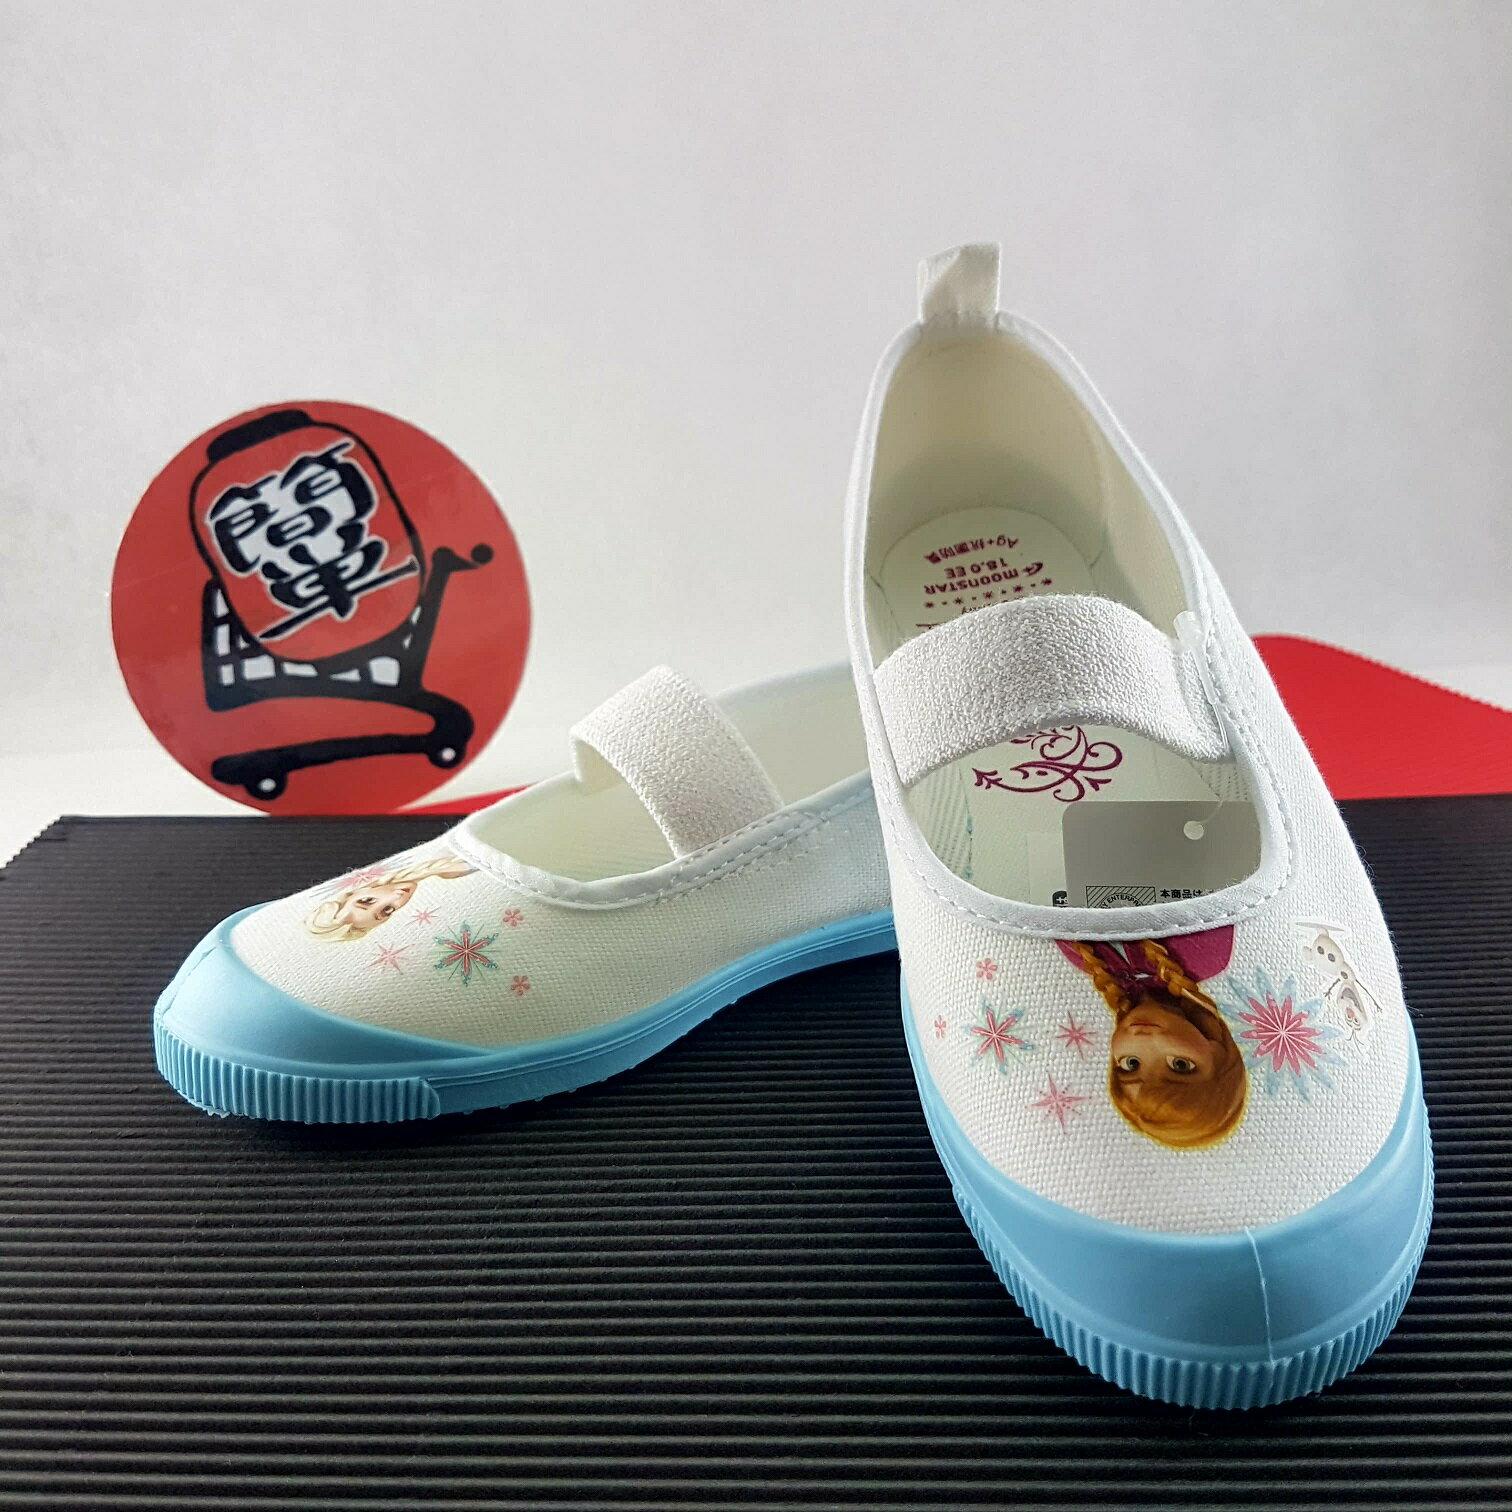 『簡単全球購』日本Moonstar台灣總代理公司貨 藍白色 冰雪奇緣幼兒園室內鞋 日本製